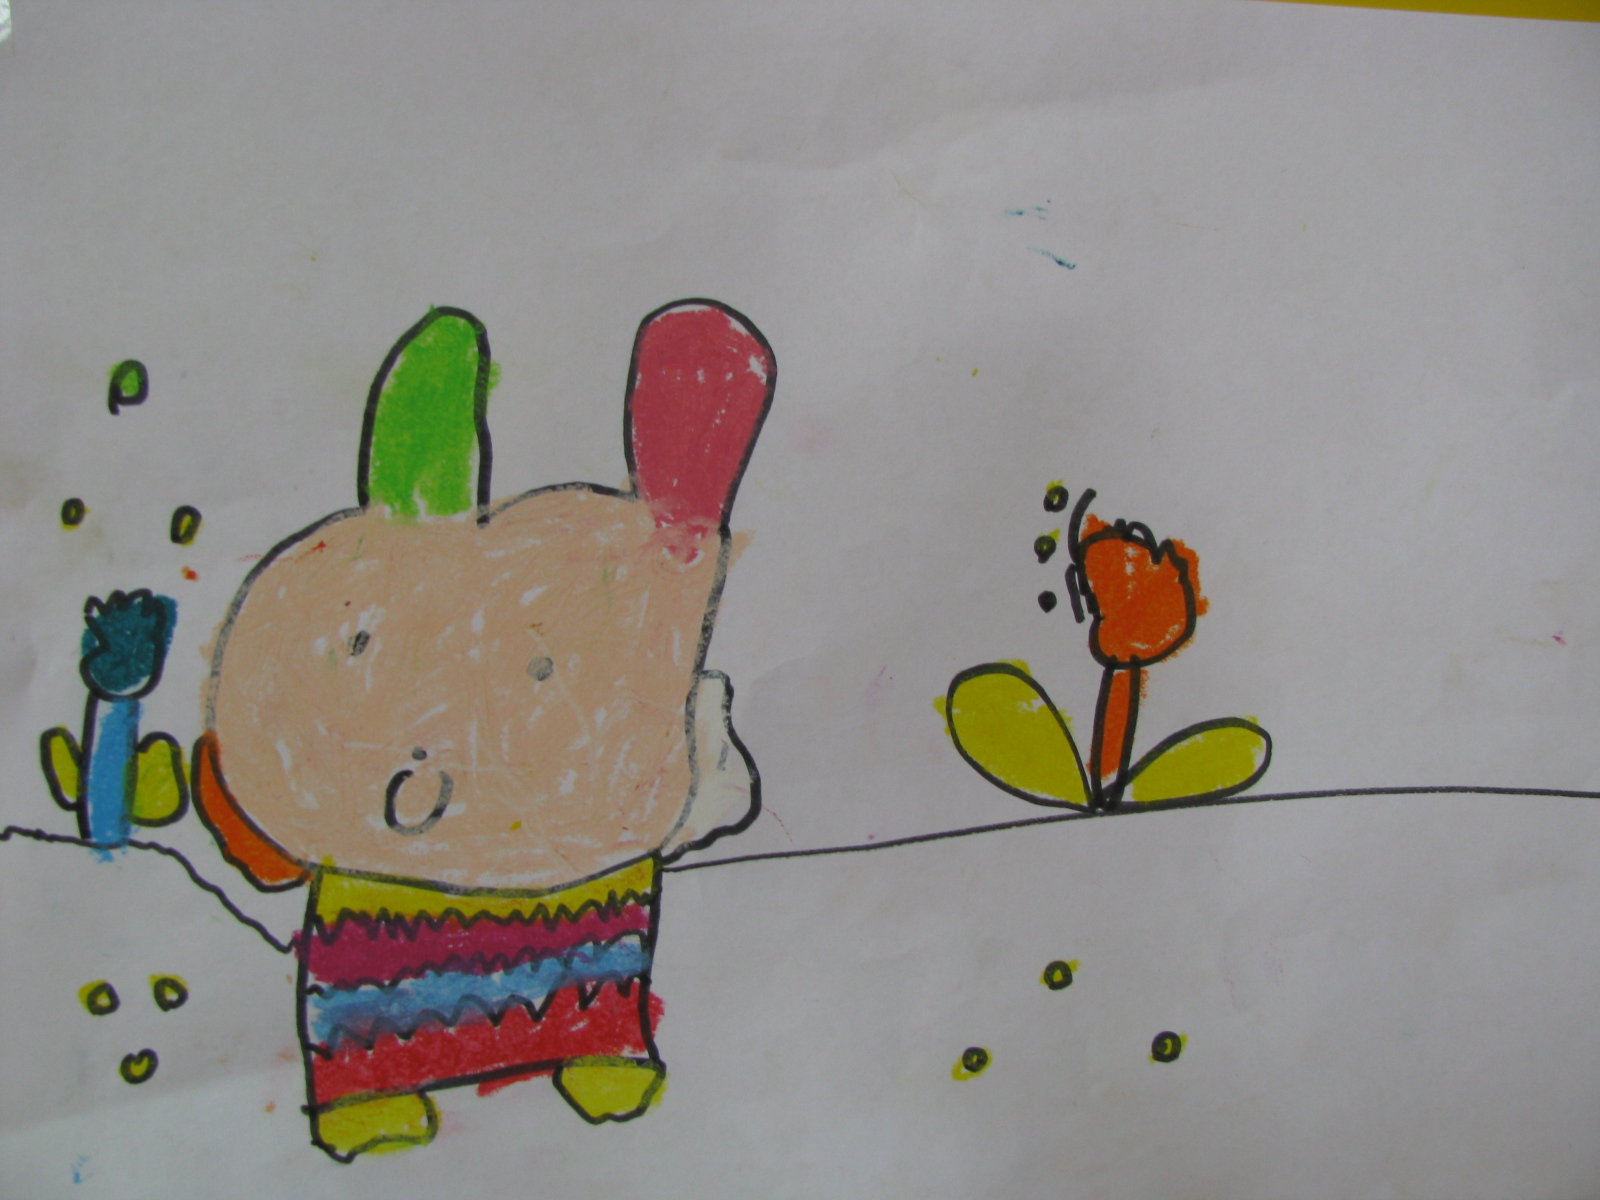 简笔画——可爱的小兔子